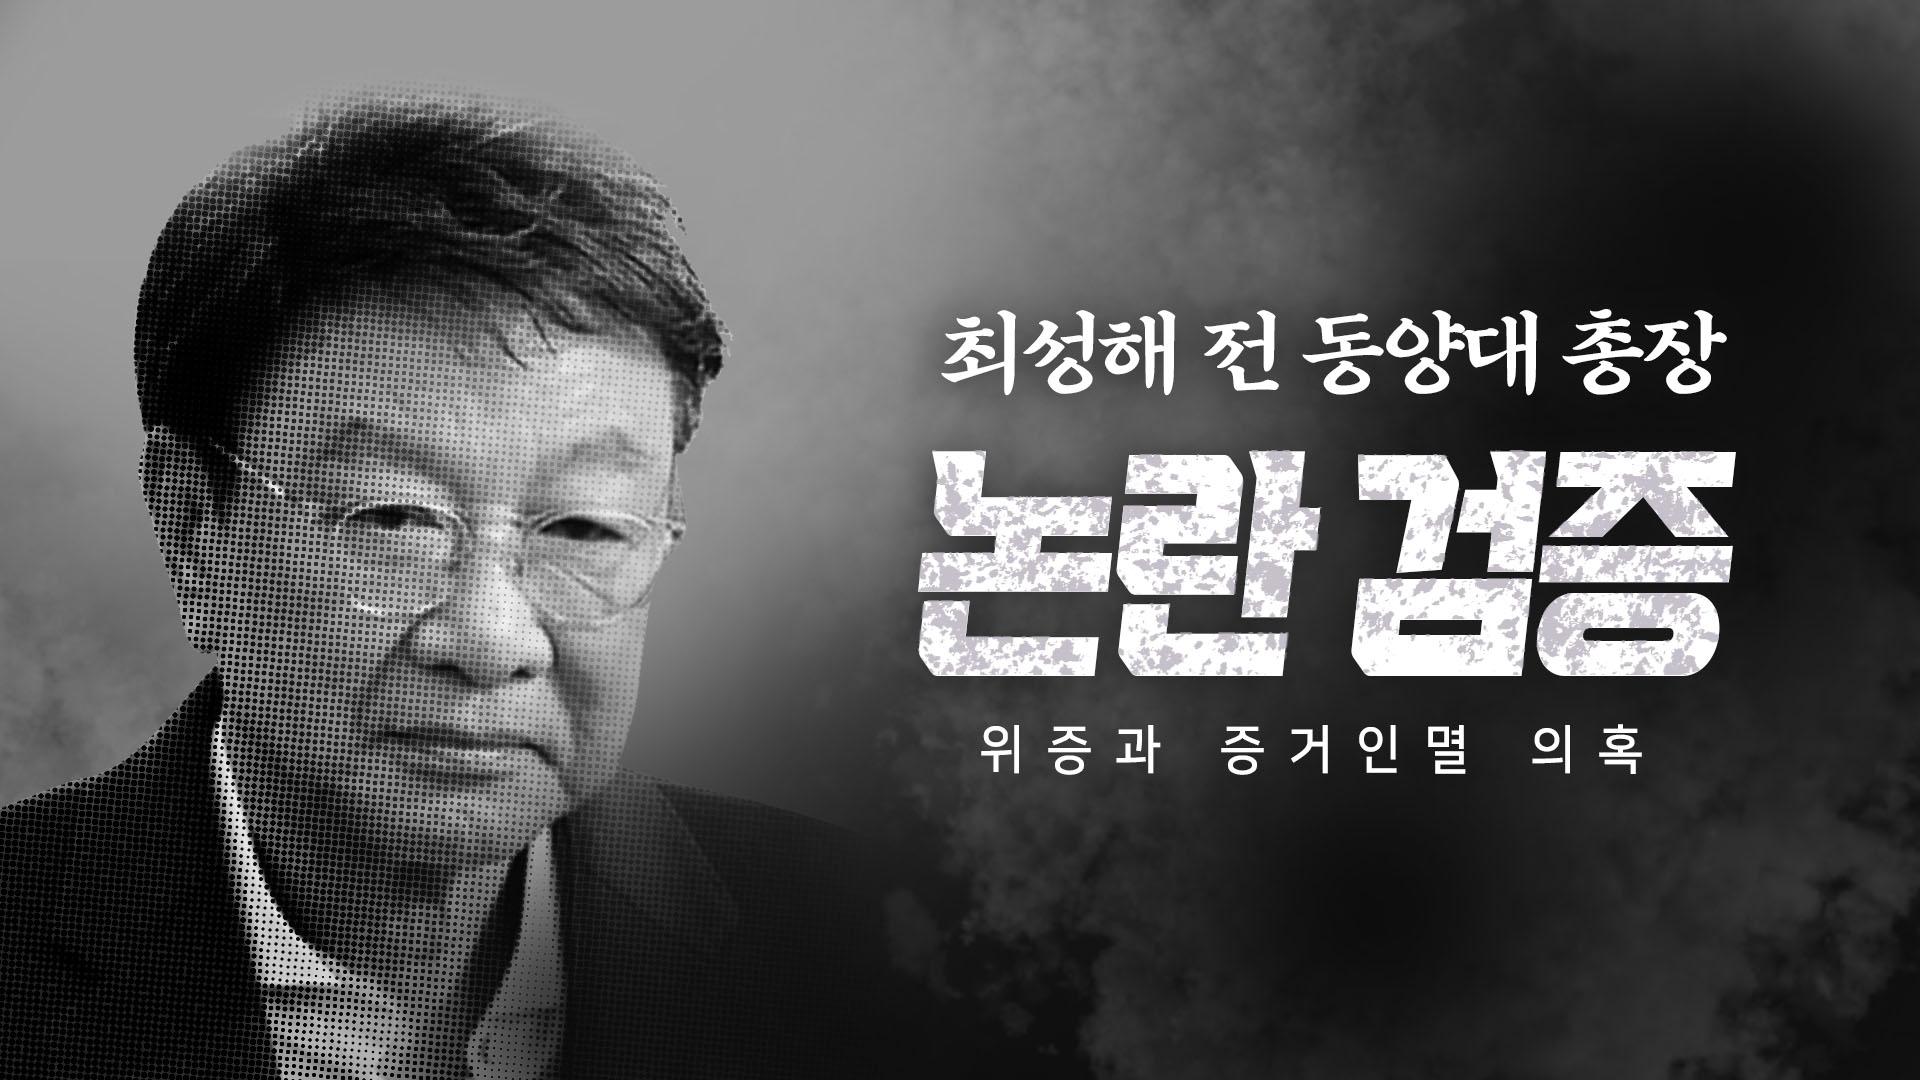 최성해 전 동양대 총장 논란 검증